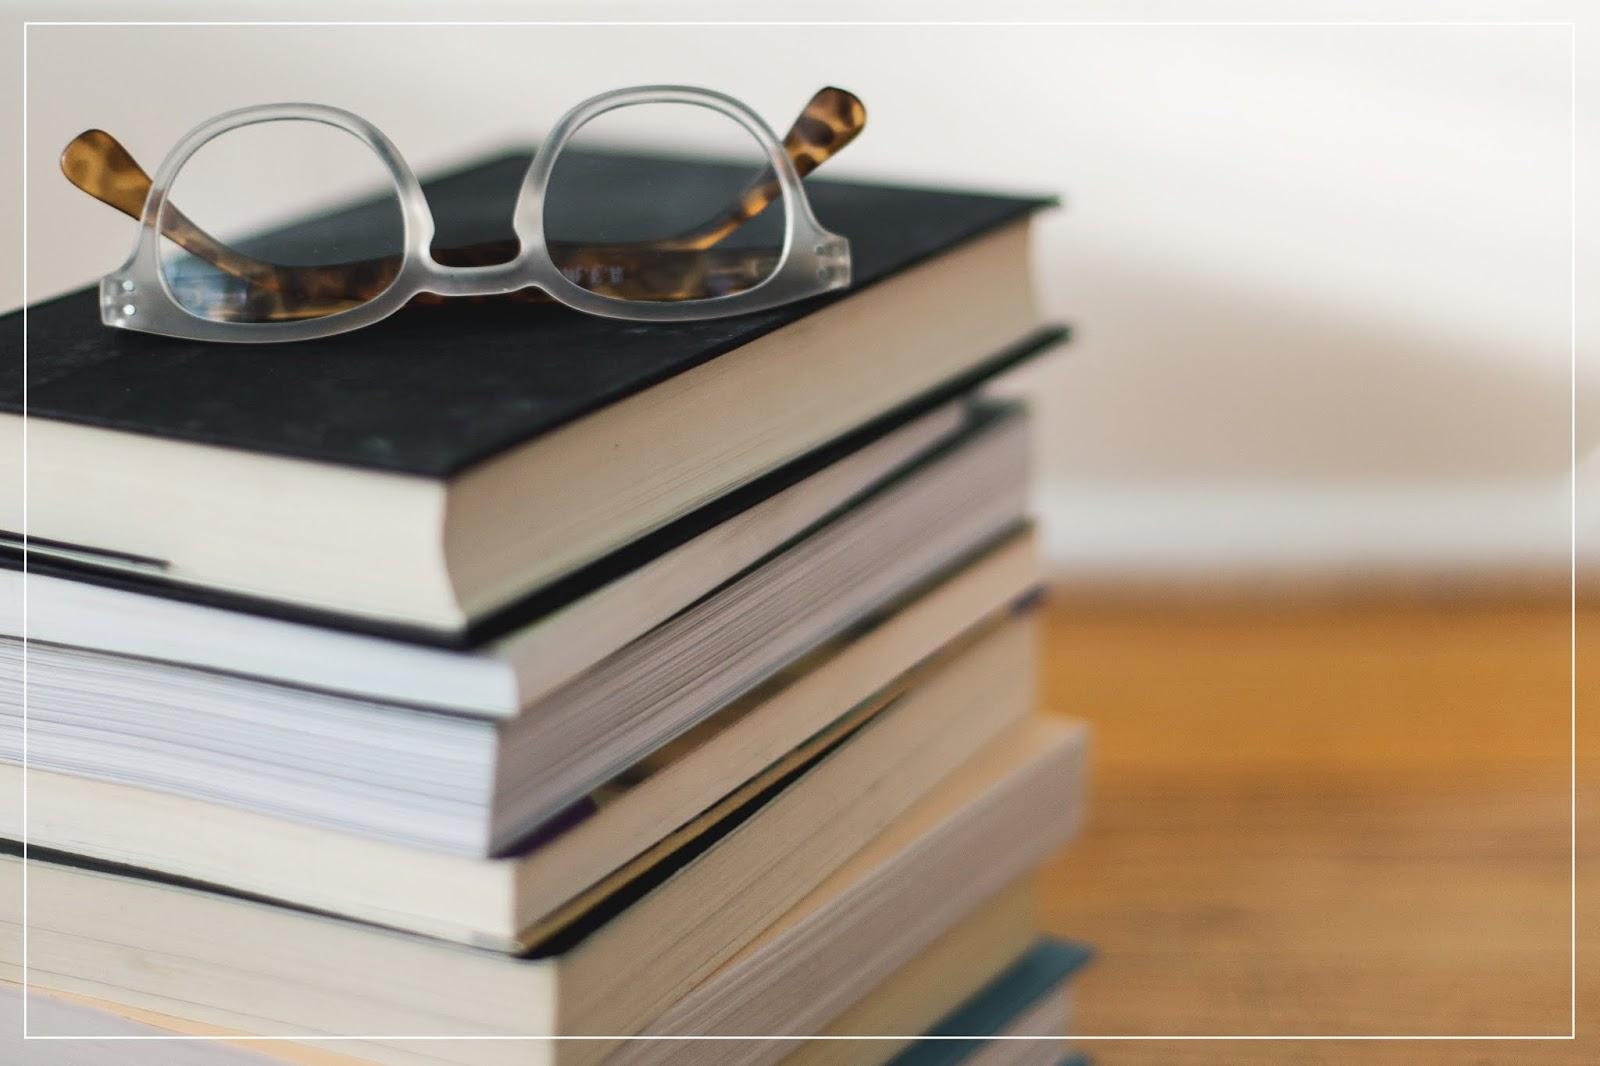 30 książek, które w swoim życiu musisz przeczytać. Czwartkowa czytelnia i moja subiektywna lista książek do przeczytania.